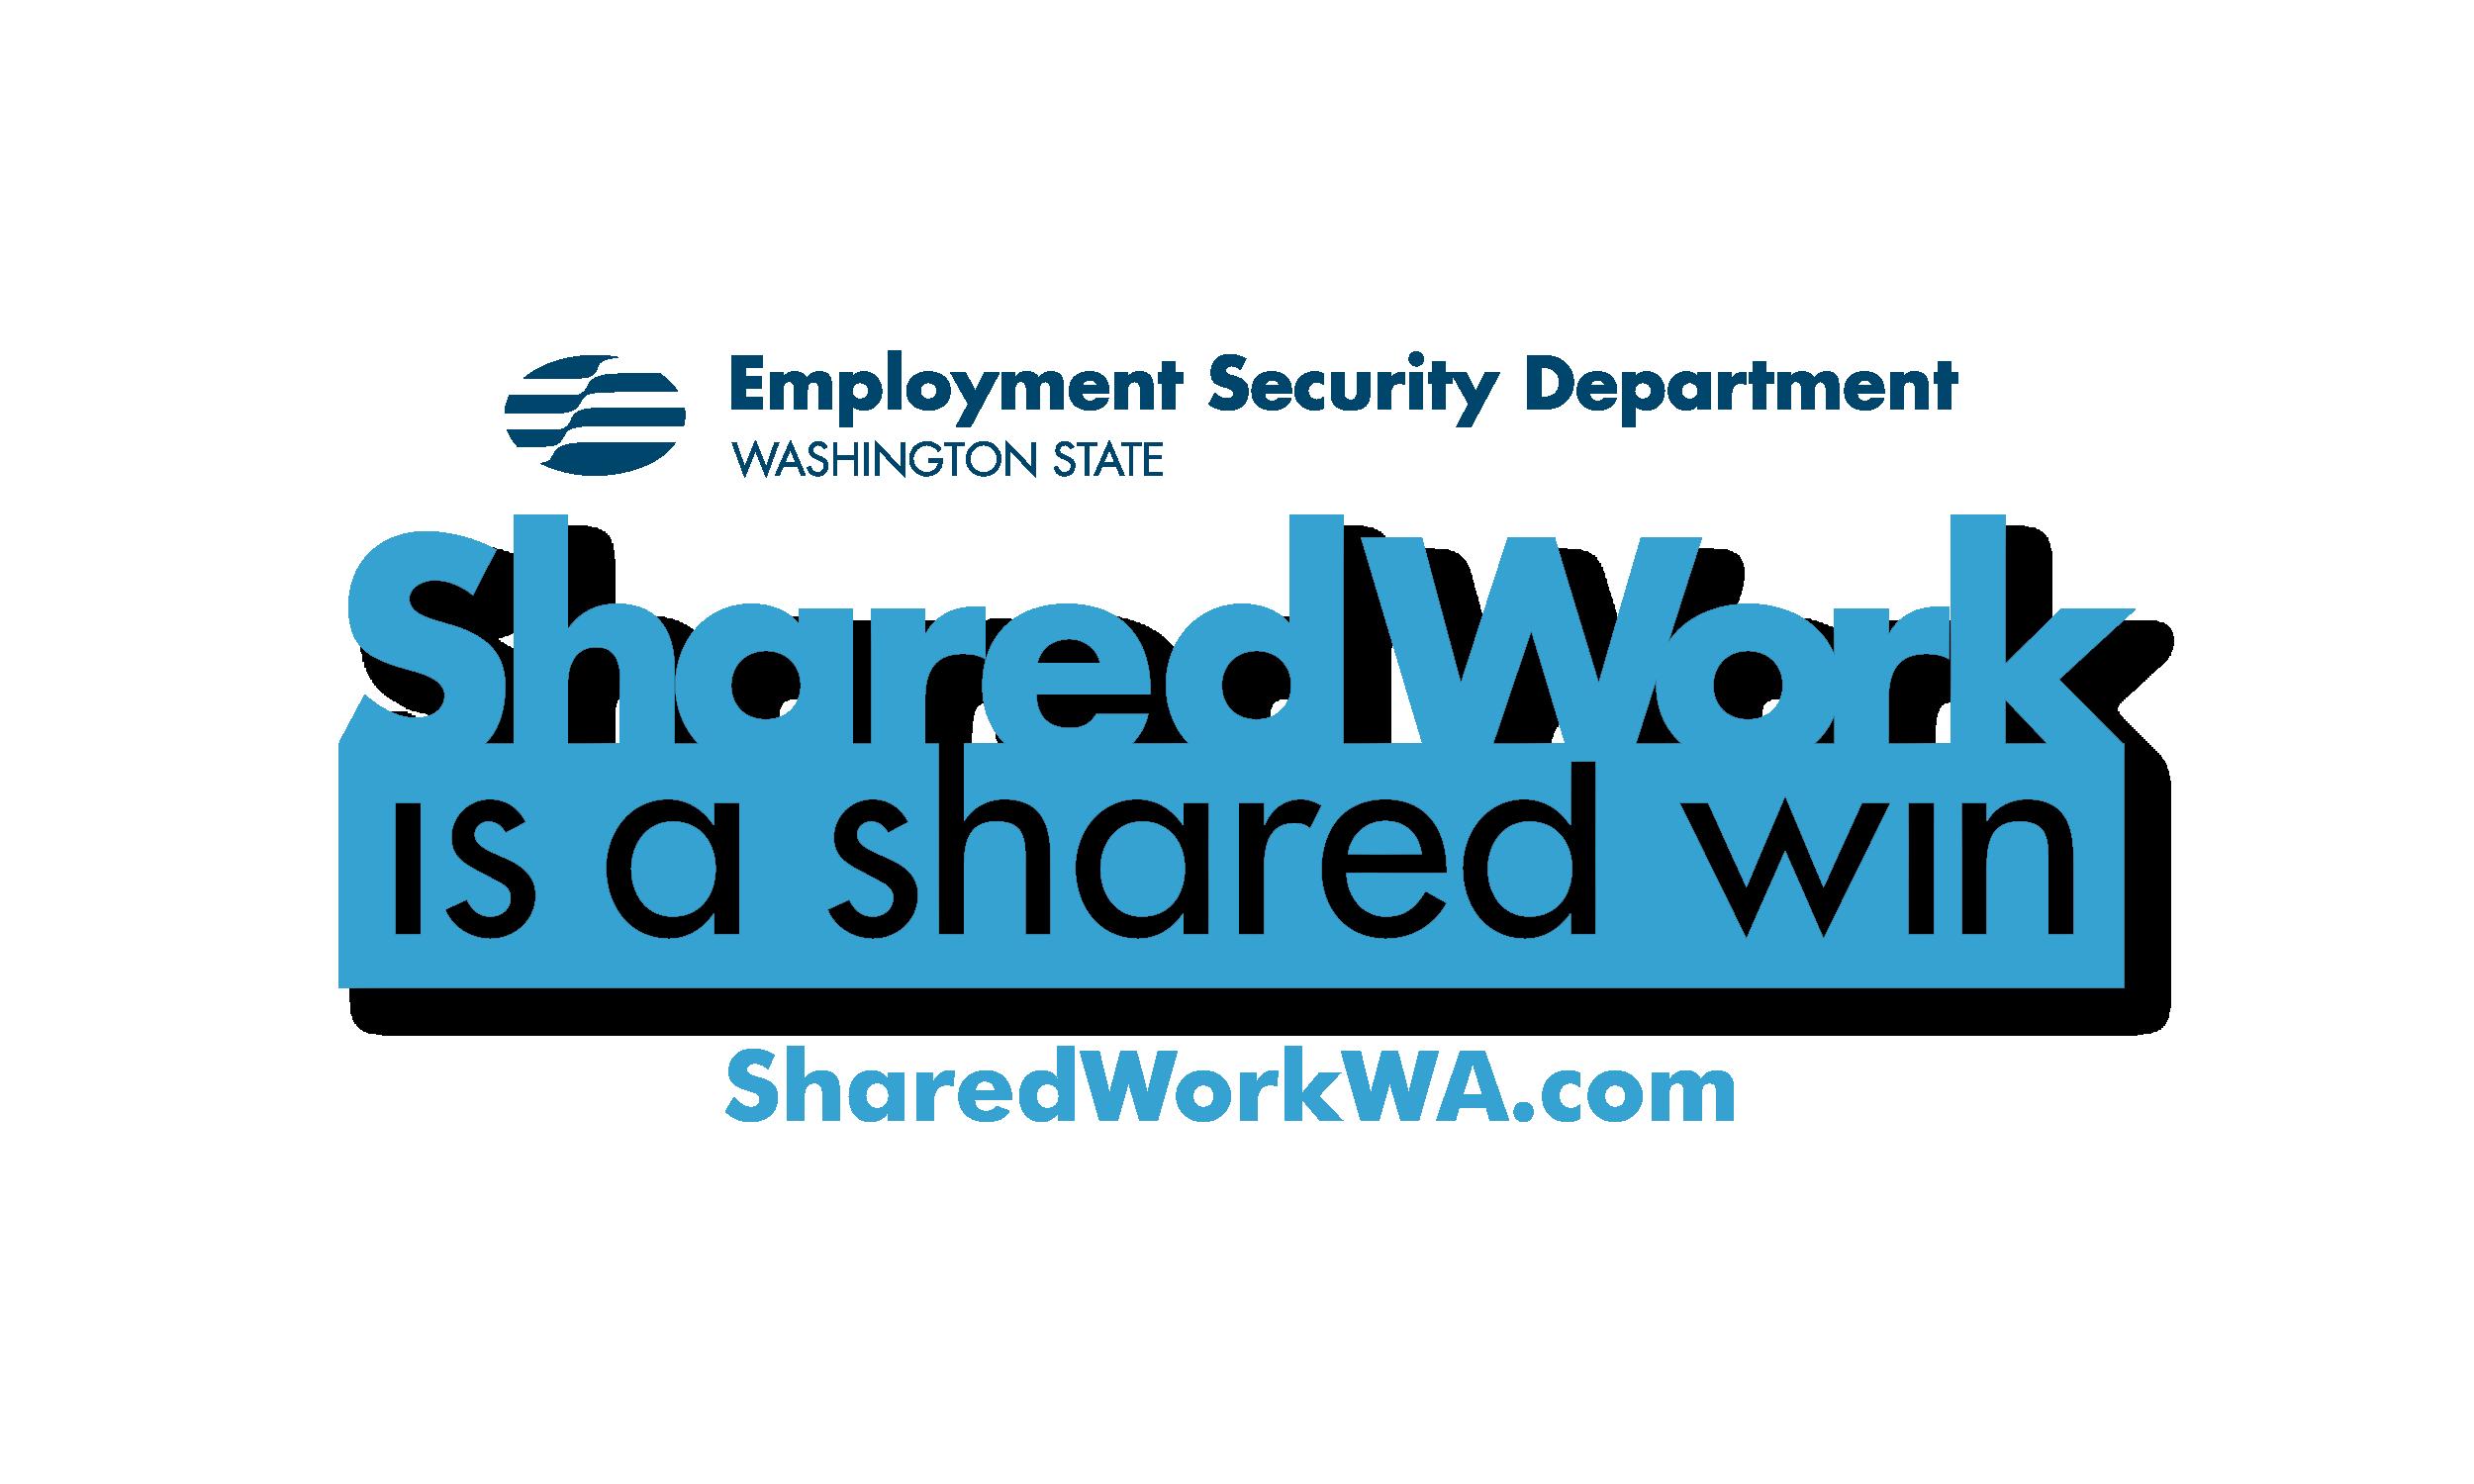 SharedWork WordMark